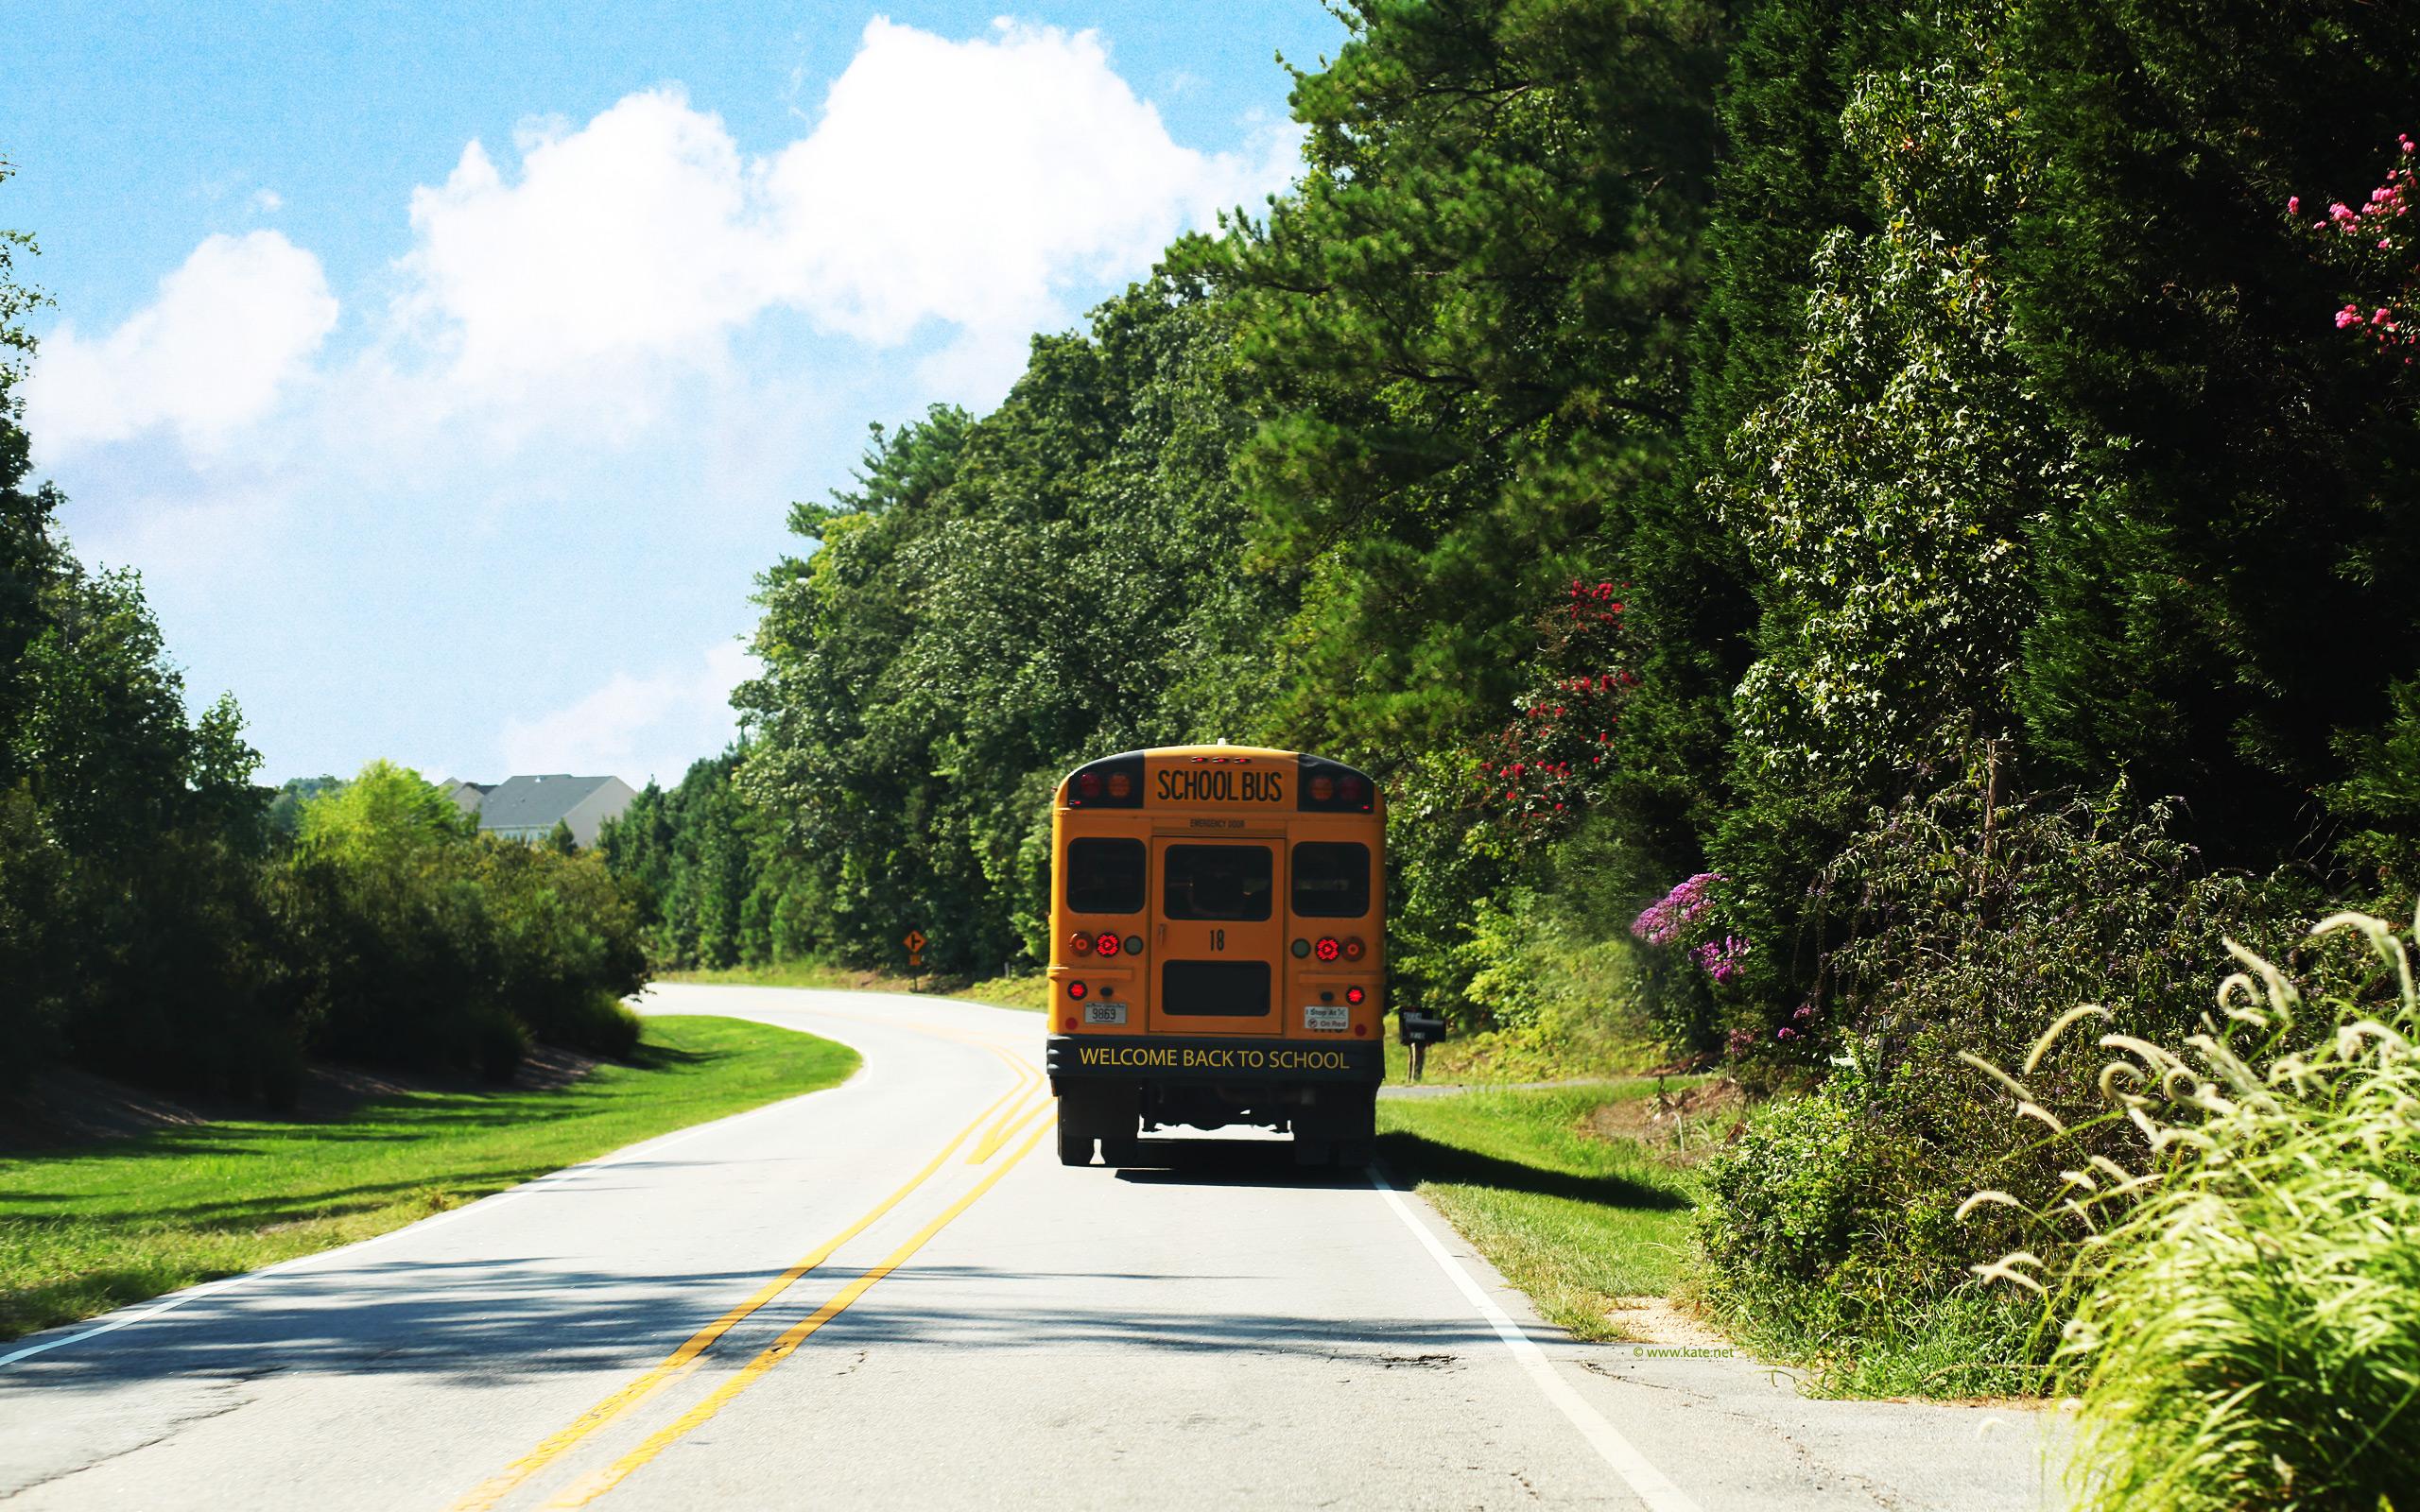 School Back to School Wallpapers by Katenet 2560x1600